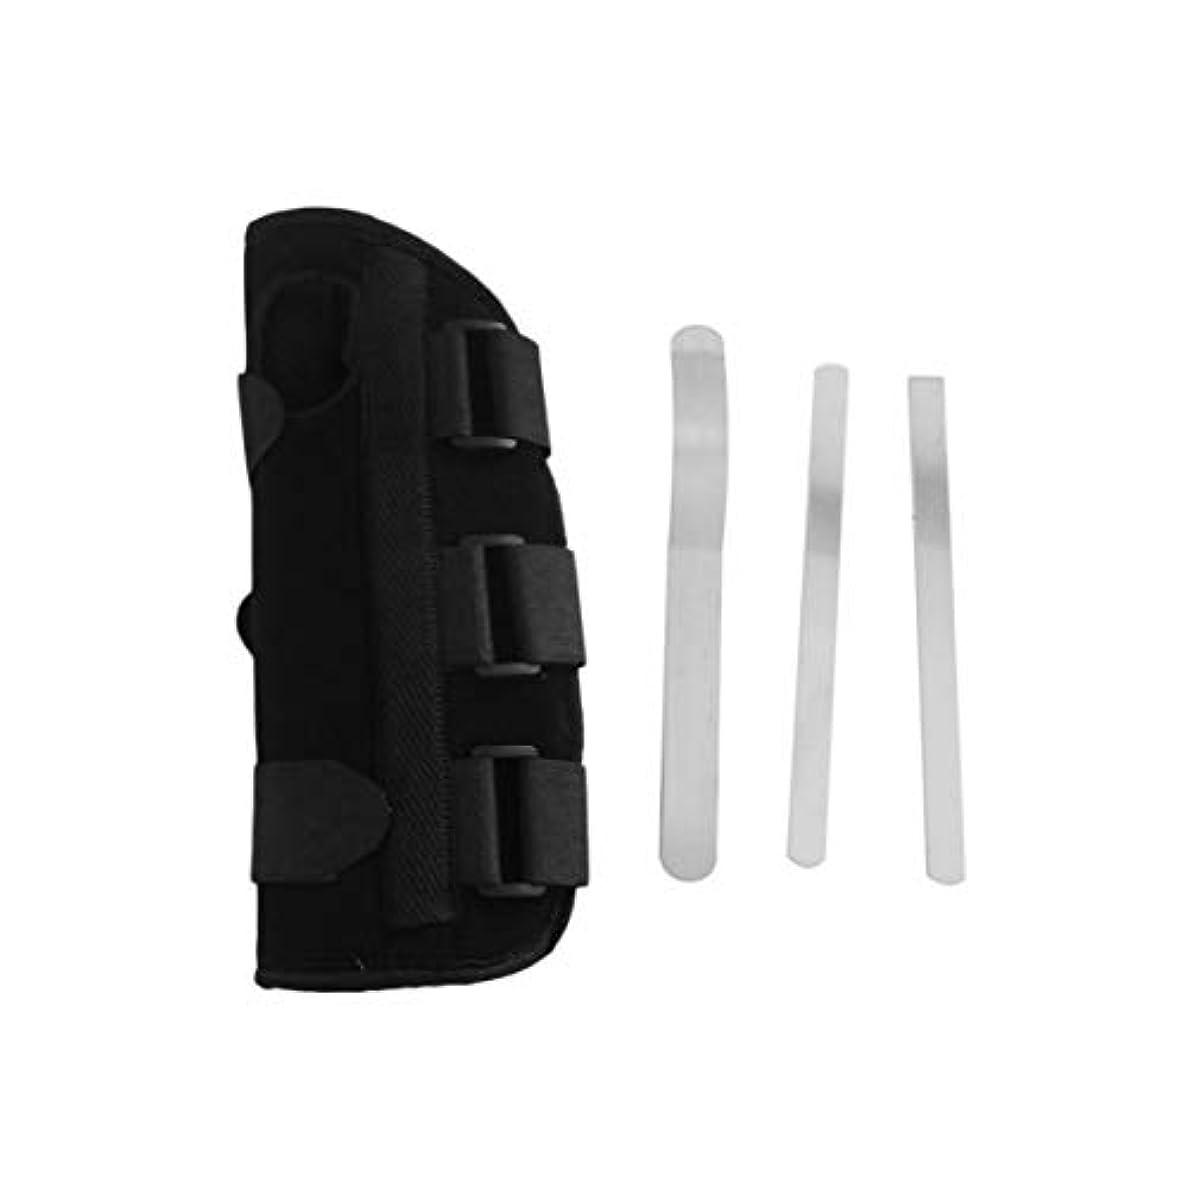 楕円形不正厳密に手首副木ブレース保護サポートストラップカルペルトンネルCTS RSI痛み軽減リムーバブル副木快適な軽量ストラップ - ブラックM